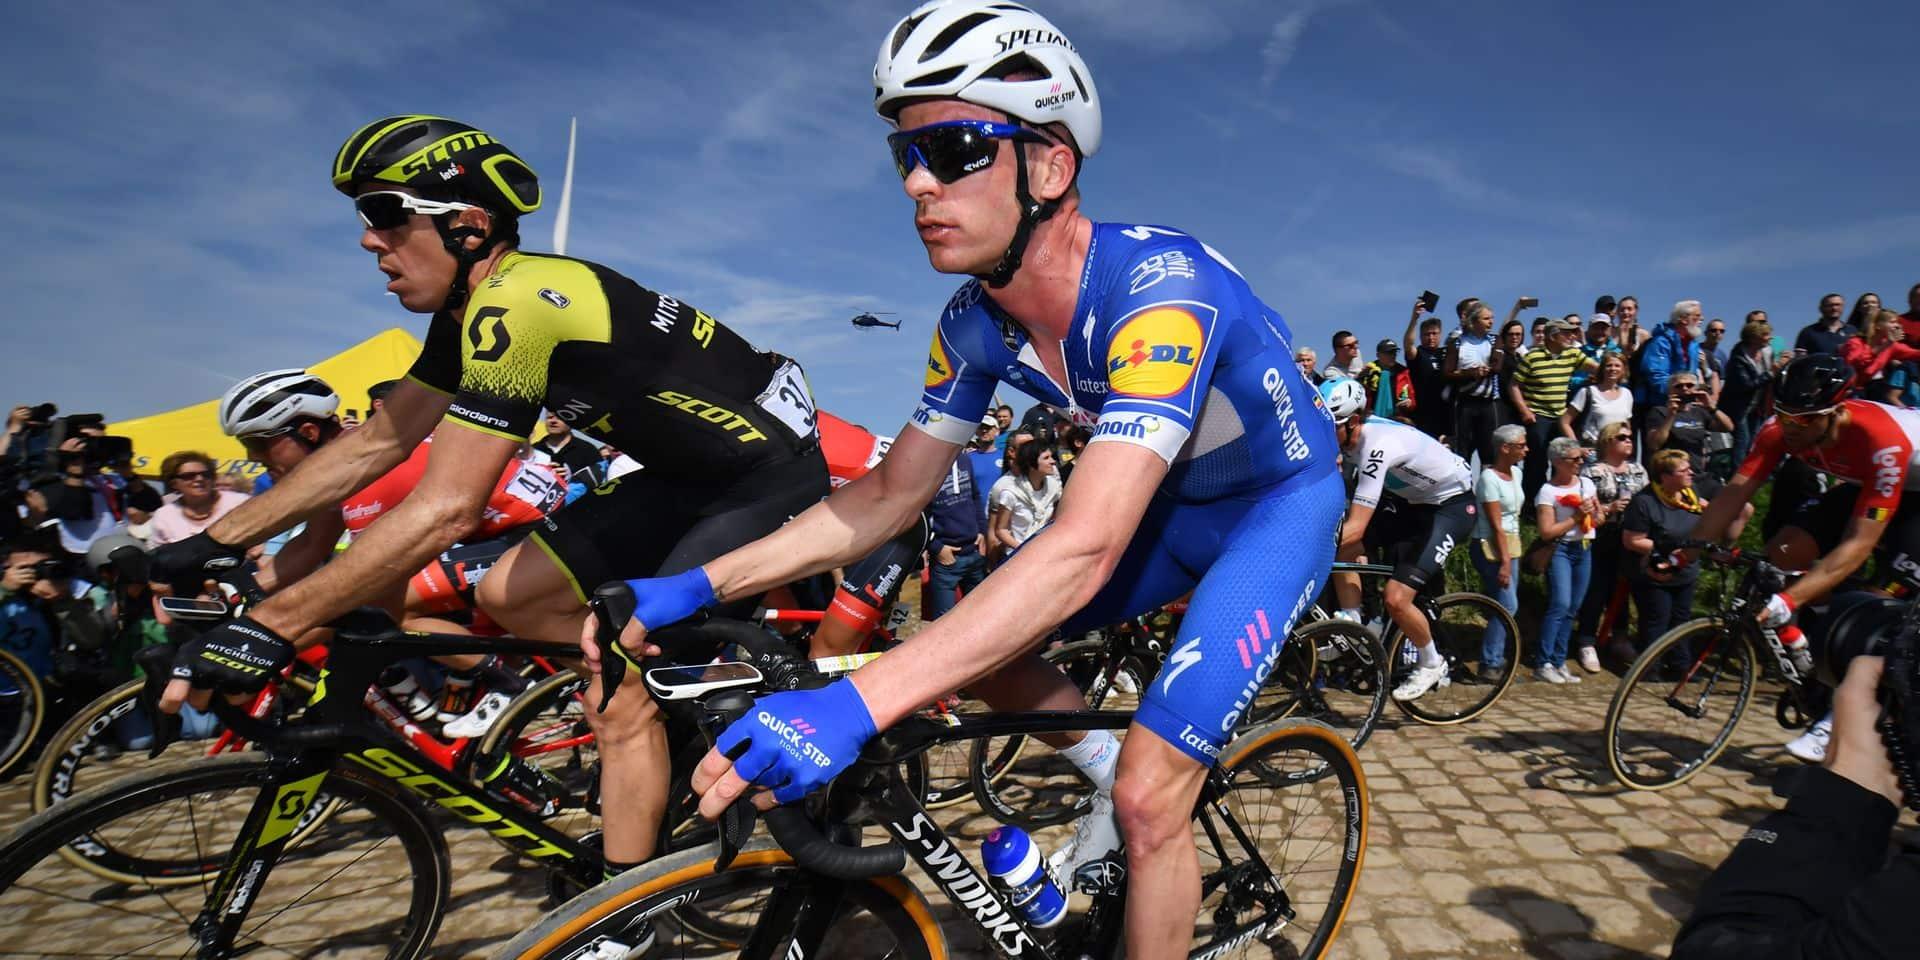 National de cyclisme: malade, Iljo Keisse sera absent dimanche à Binche et au Tour de France